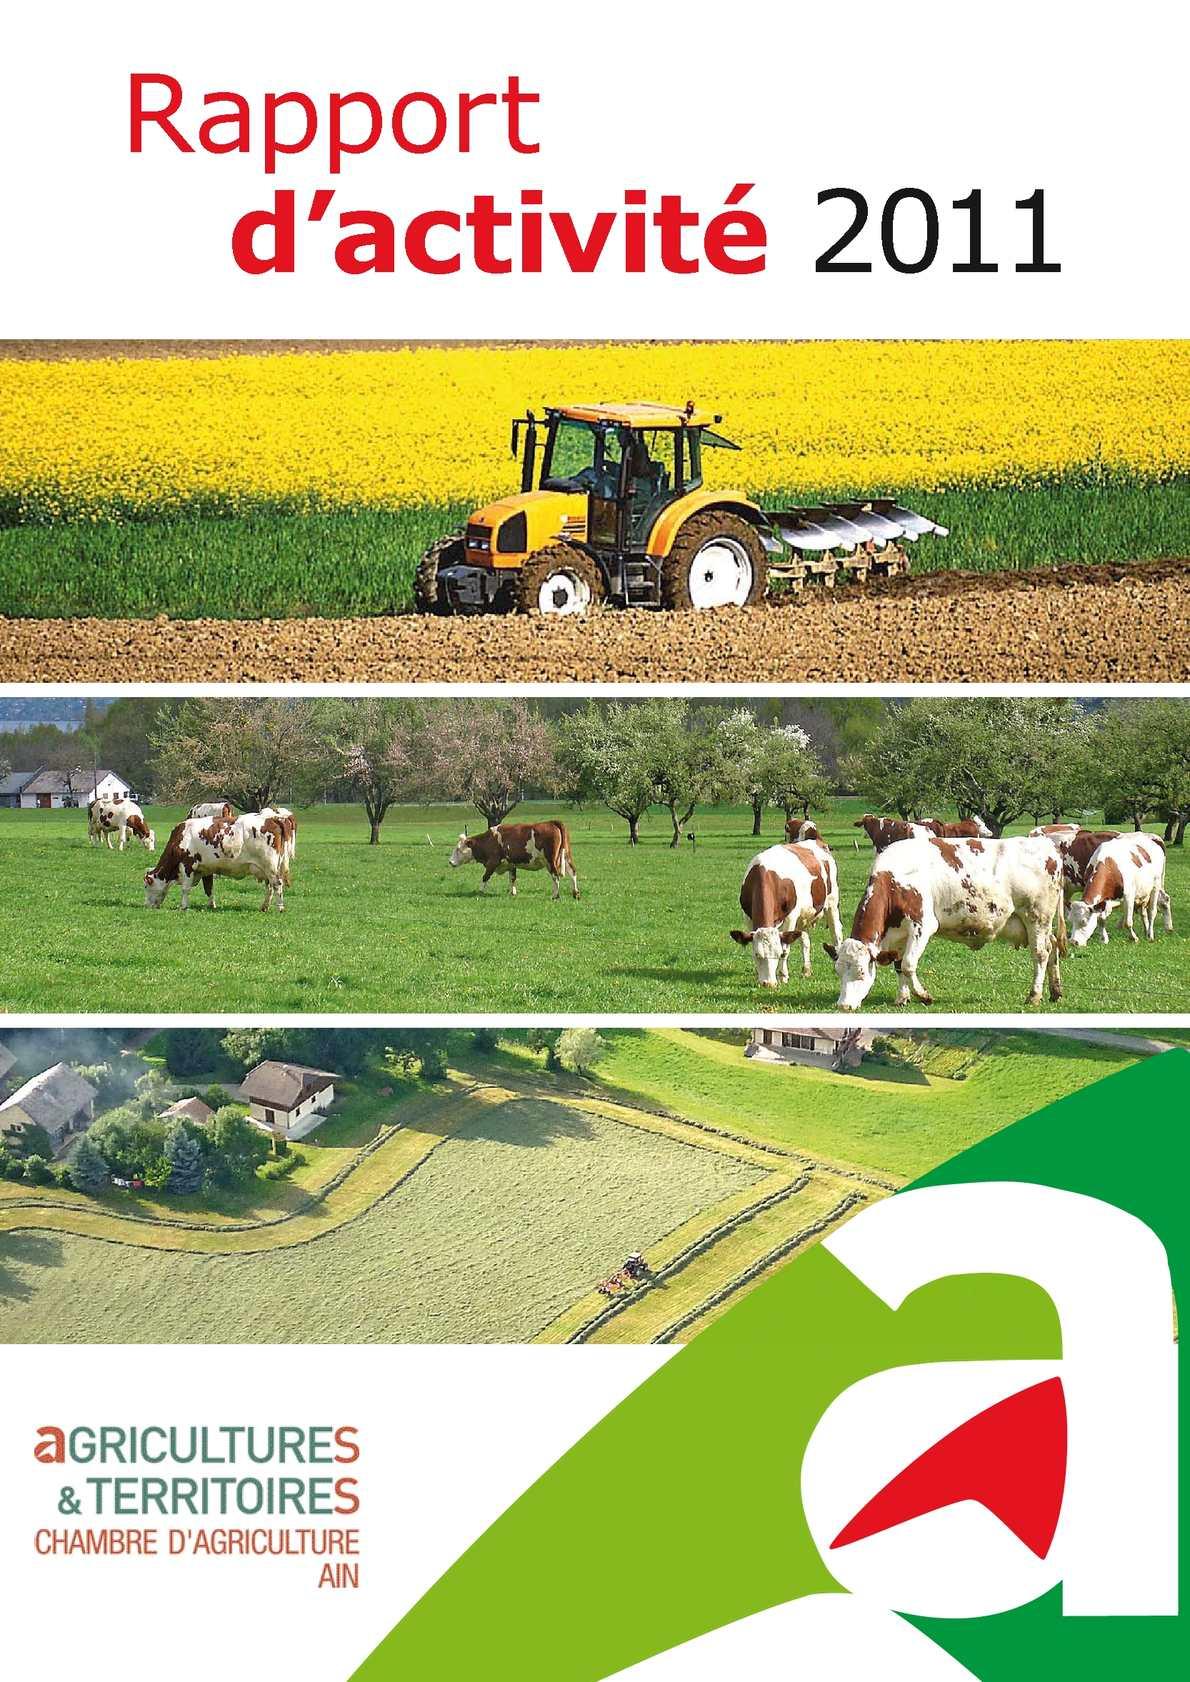 Calam o rapport d 39 activit chambre d 39 agriculture 2011 - Chambre d agriculture recrutement ...